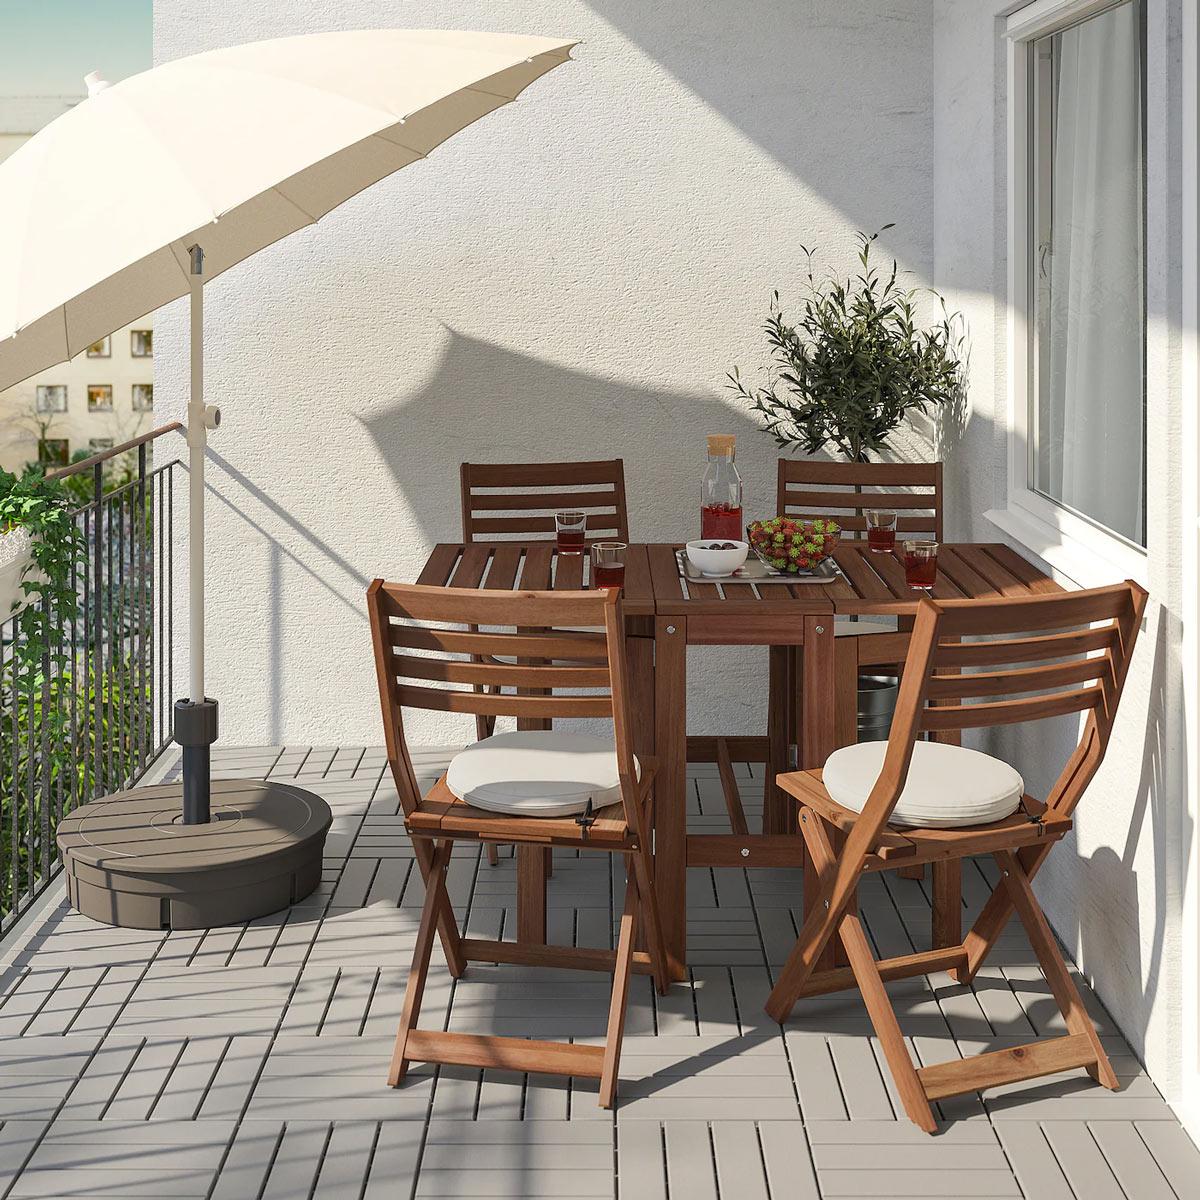 Tavolino Per Balcone Ikea balcone tavolo pieghevole ikea con sedie